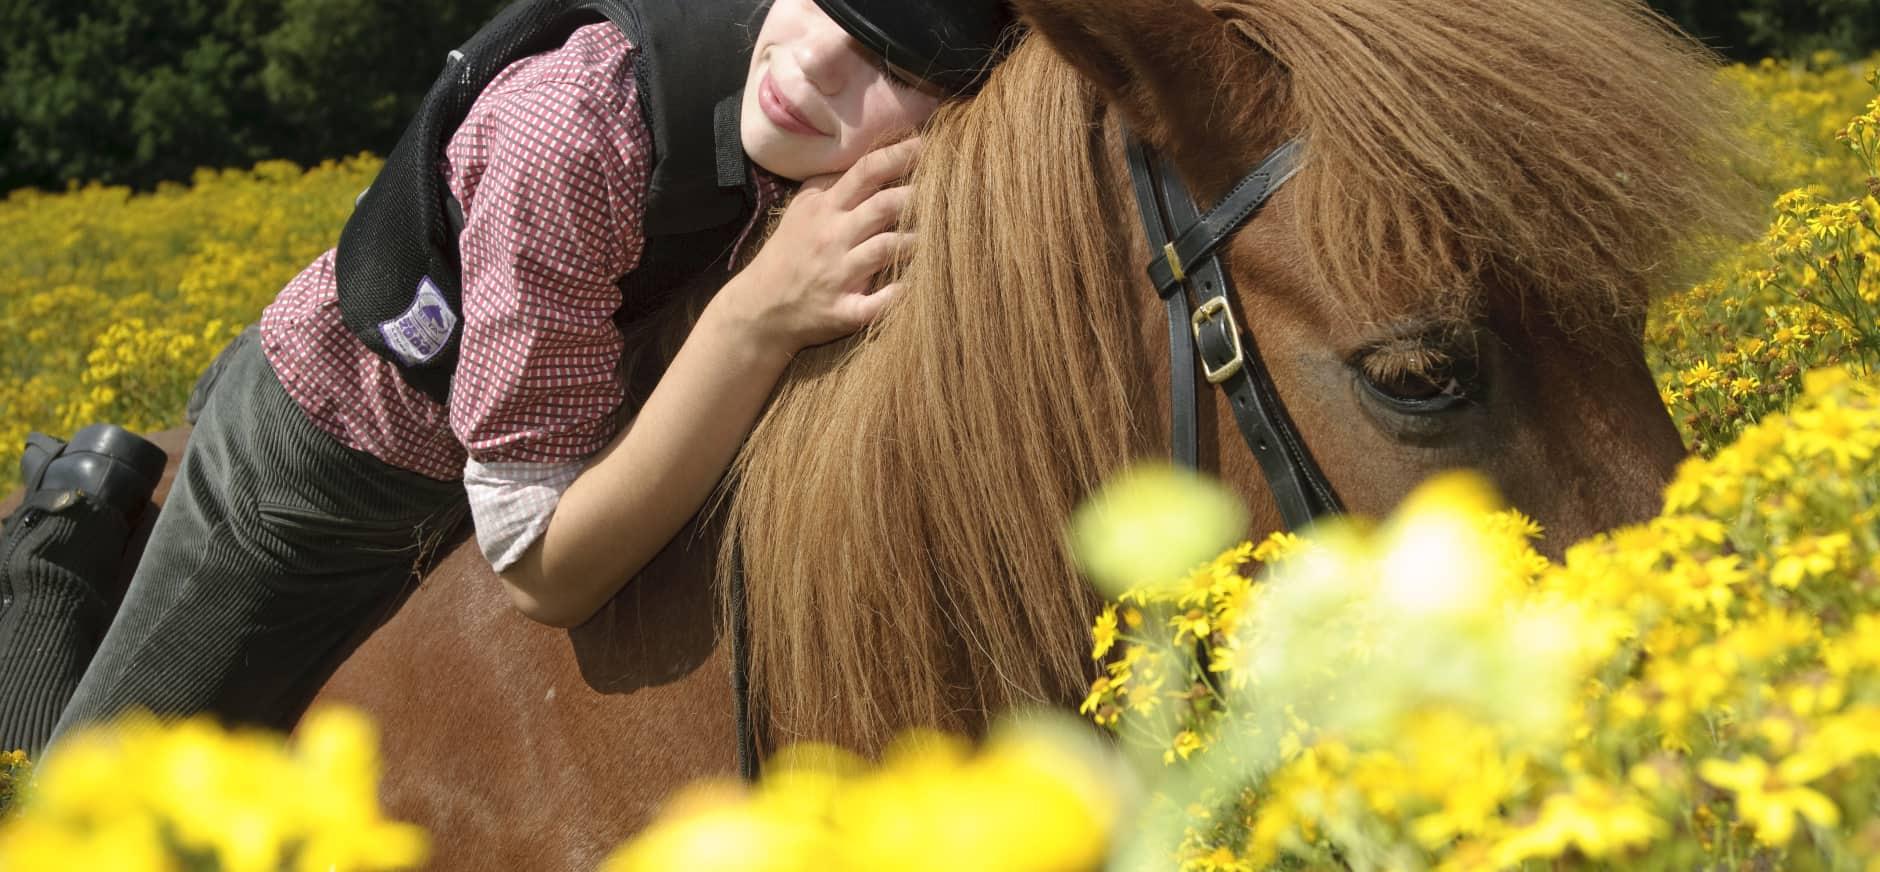 Nieuw: vergunningen MTB en paardrijden online verkrijgbaar